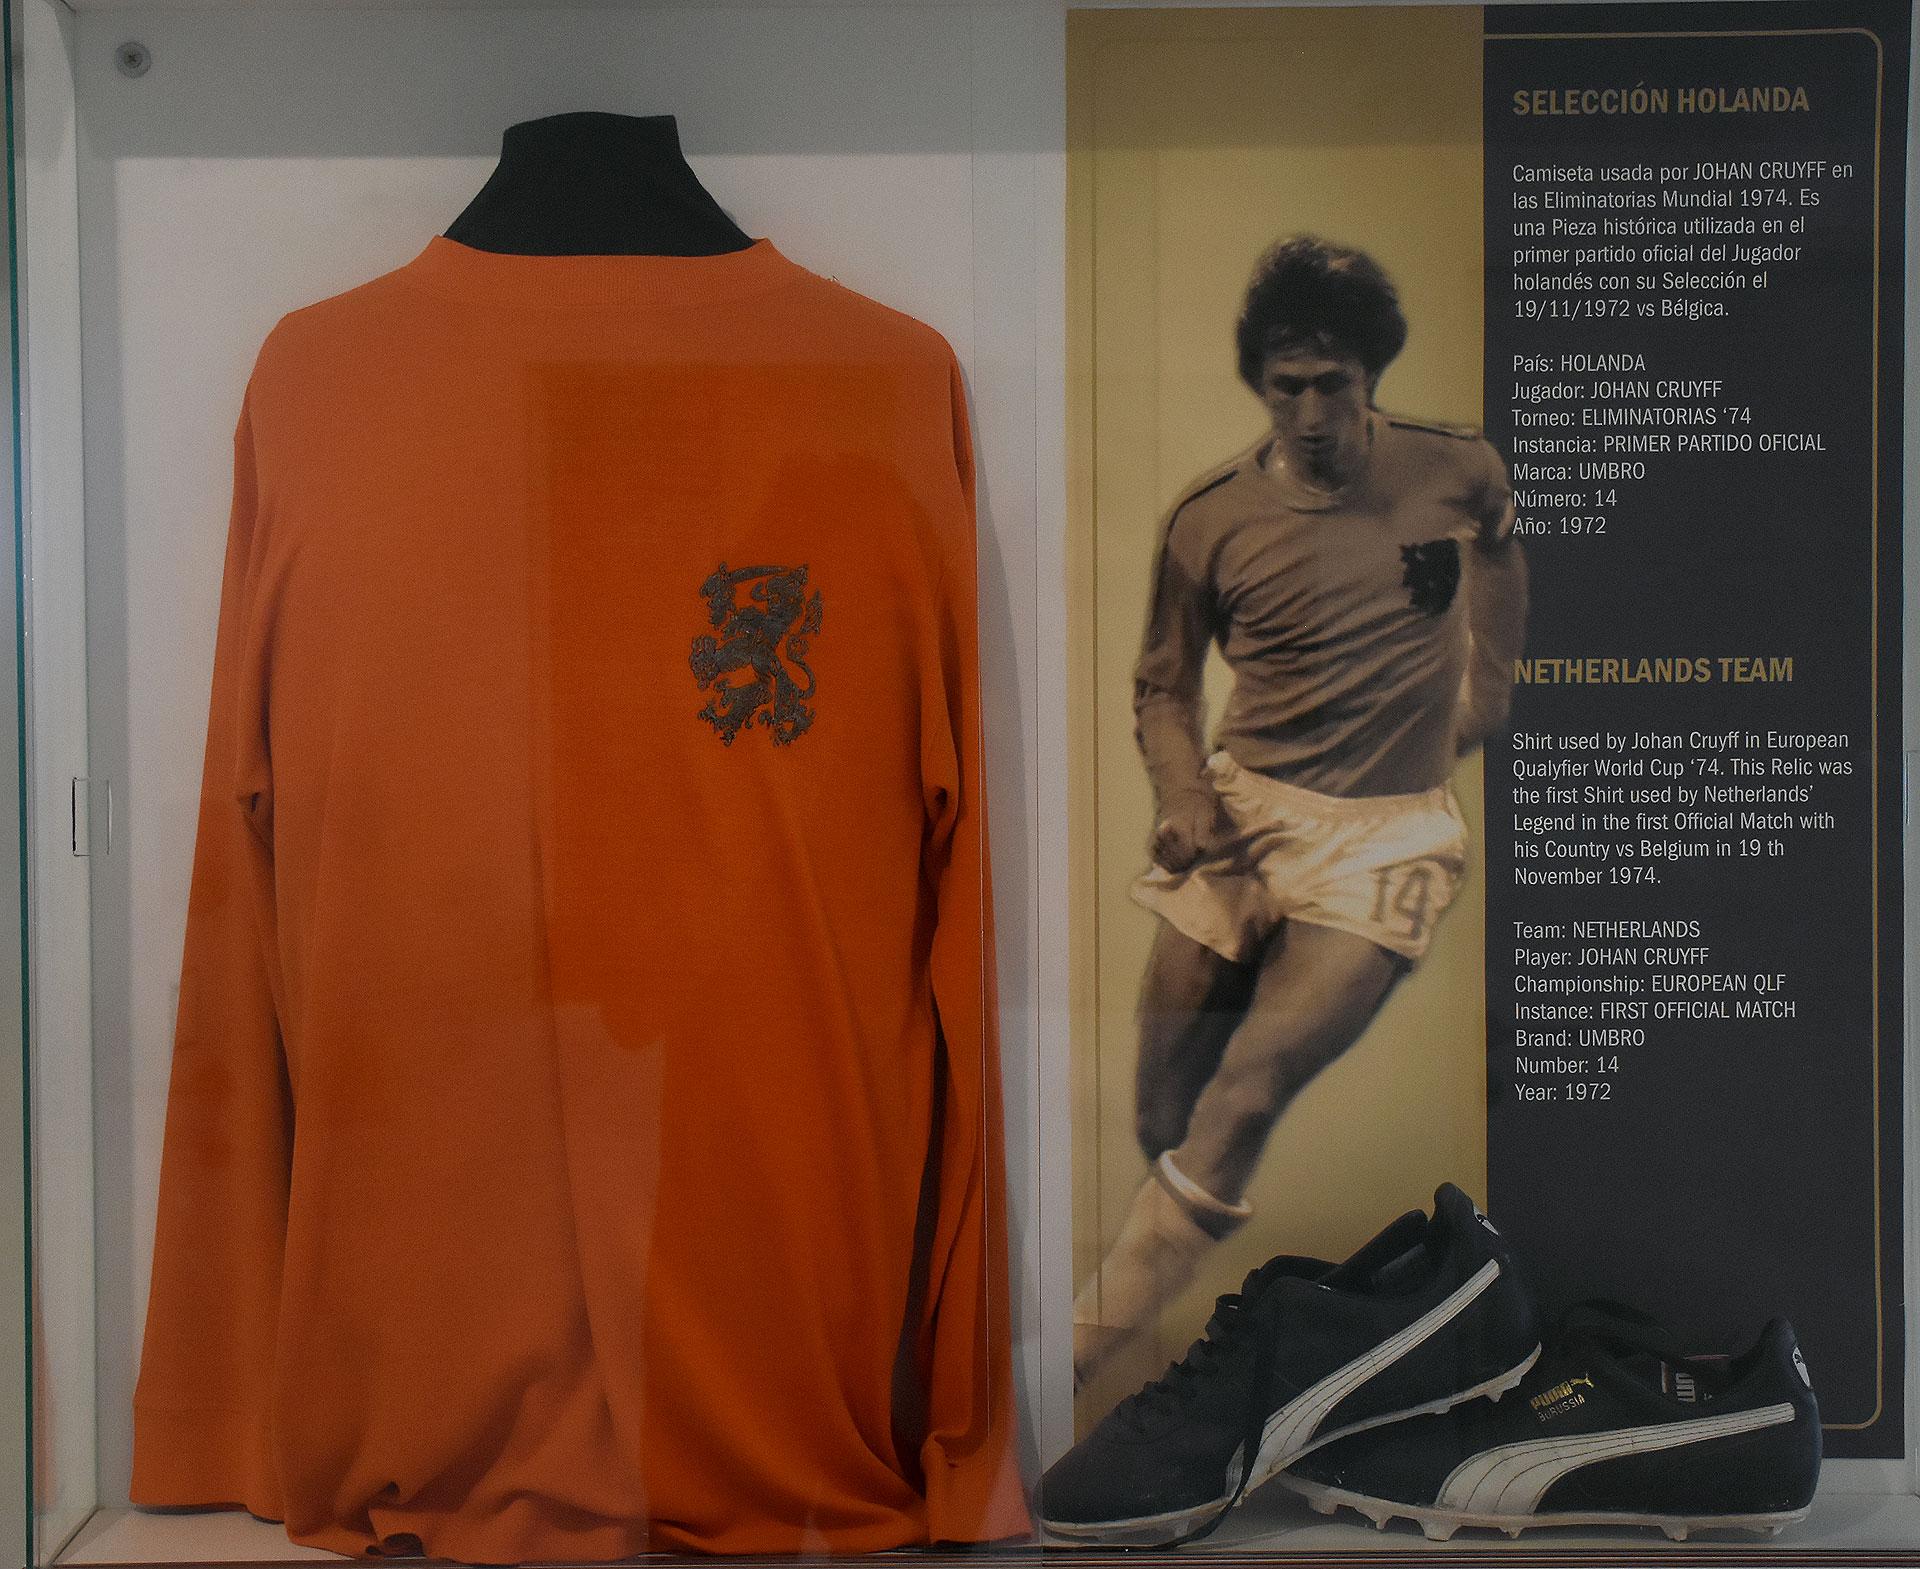 El cubículo personalizado para el holandés Johan Cruyff: camiseta y botines de un partido por las eliminatorias camino al Mundial 74 ante Bélgica. Fue su debut oficial en la selección holandesa (Nicolas Stulberg)